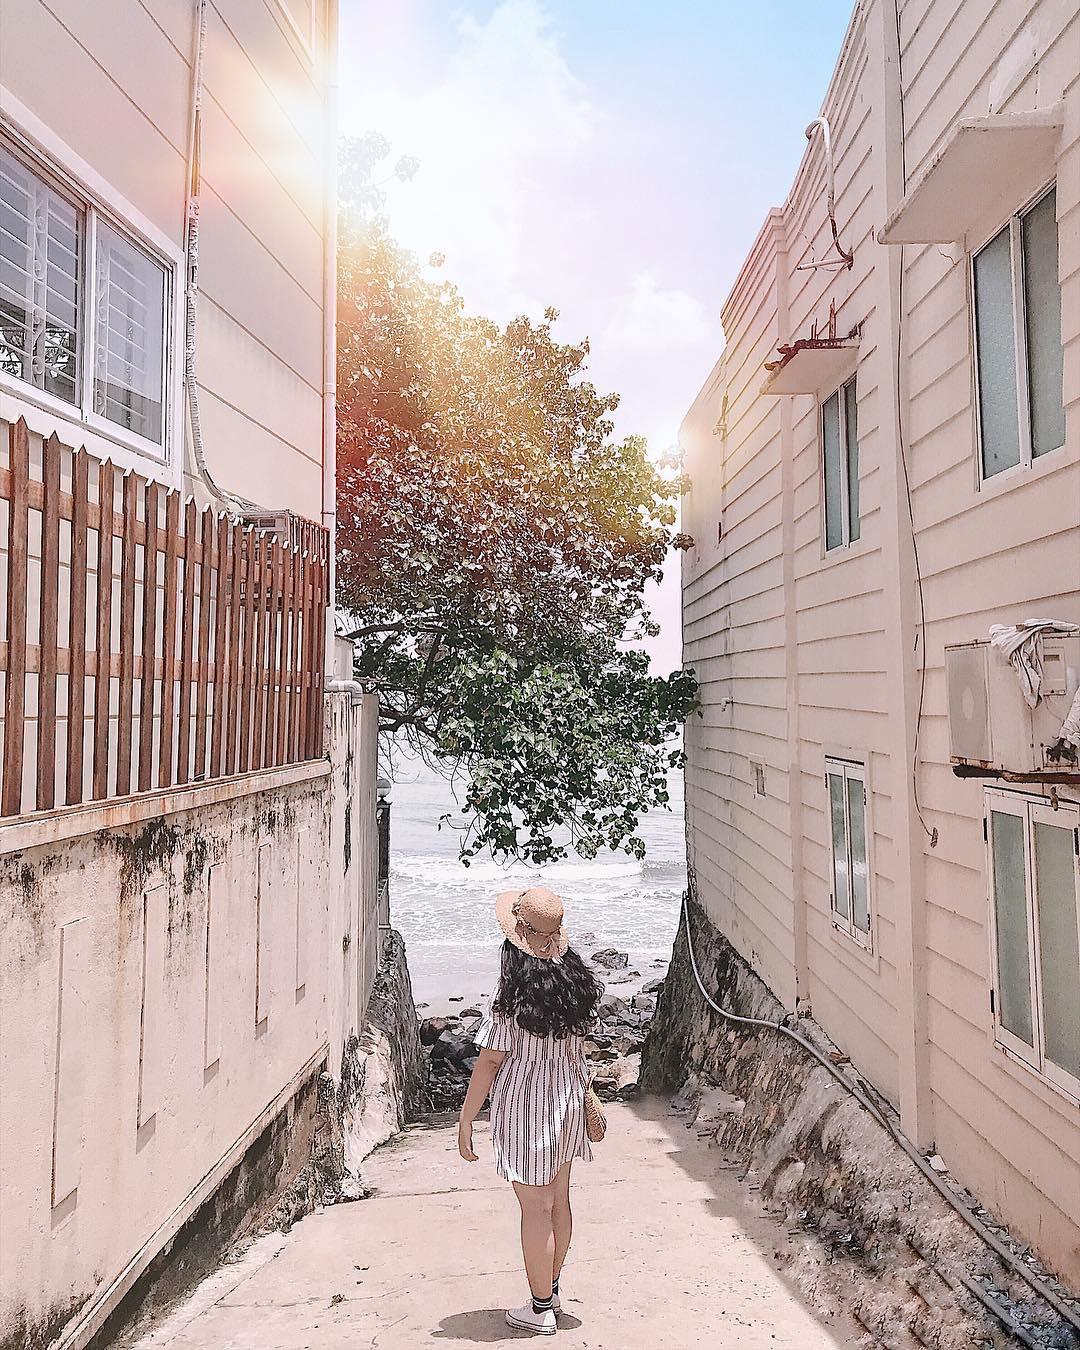 Con hẻm sống ảo tại Vũng Tàu đang là địa điểm được giới trẻ check-in rần rần trên Instagram - Ảnh 16.